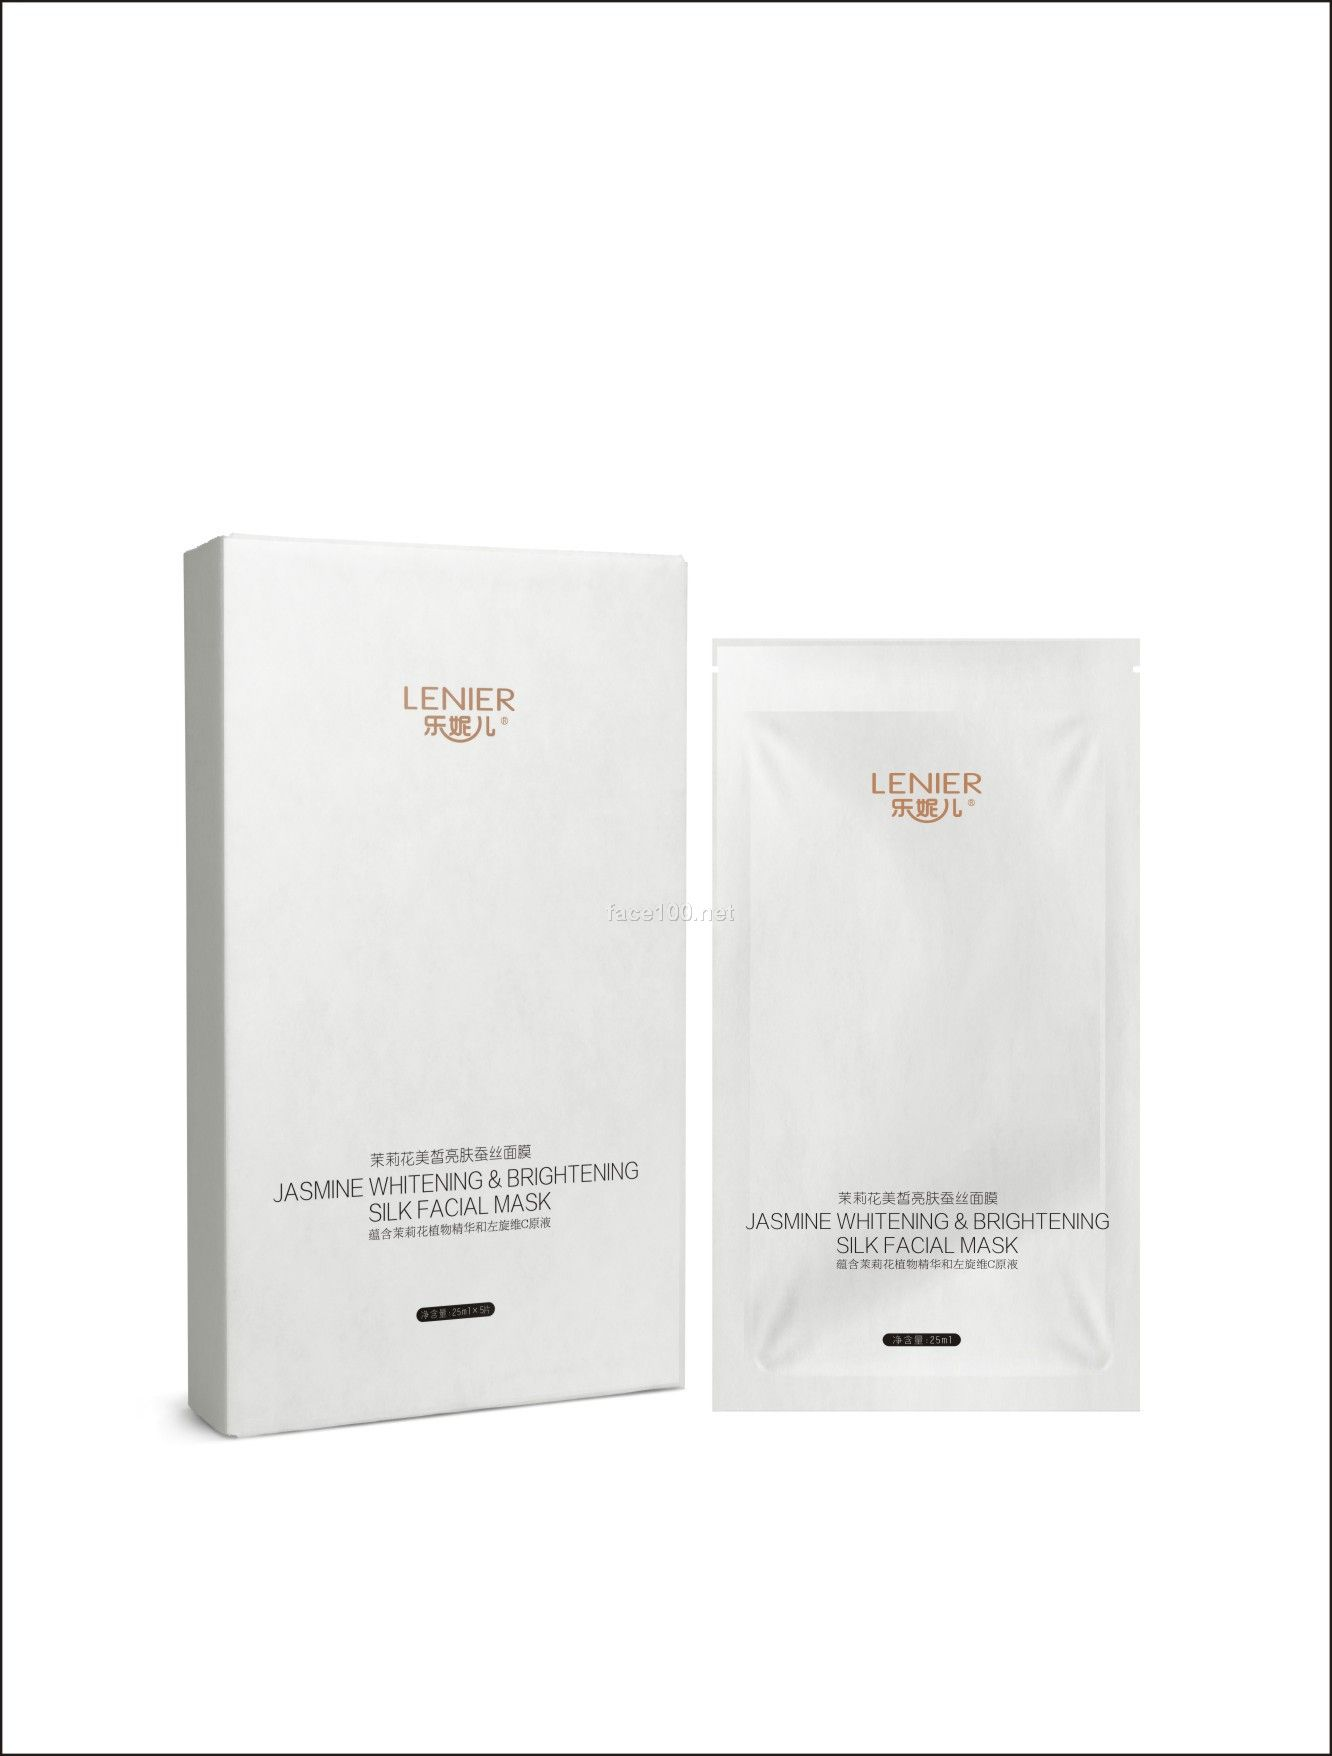 护肤品 面膜  类别:护肤品--面膜/保湿/ 公司: 西安美太生物科技